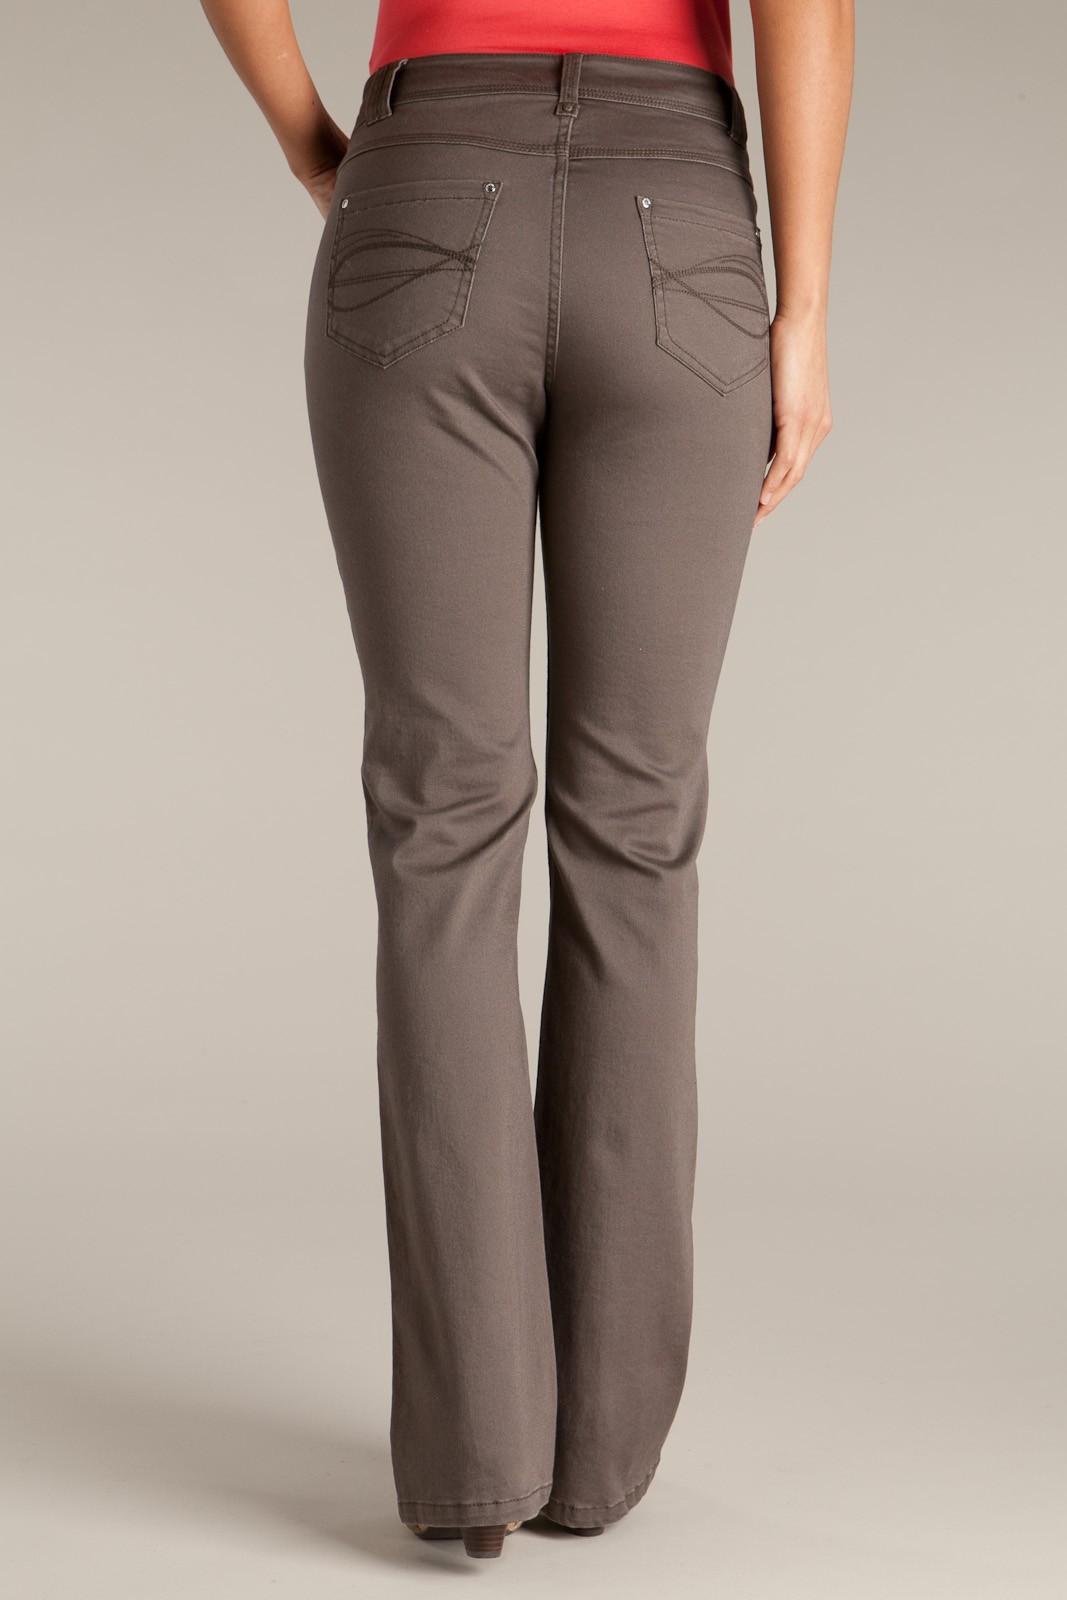 pantalon coupe droite femme id al pour le bureau